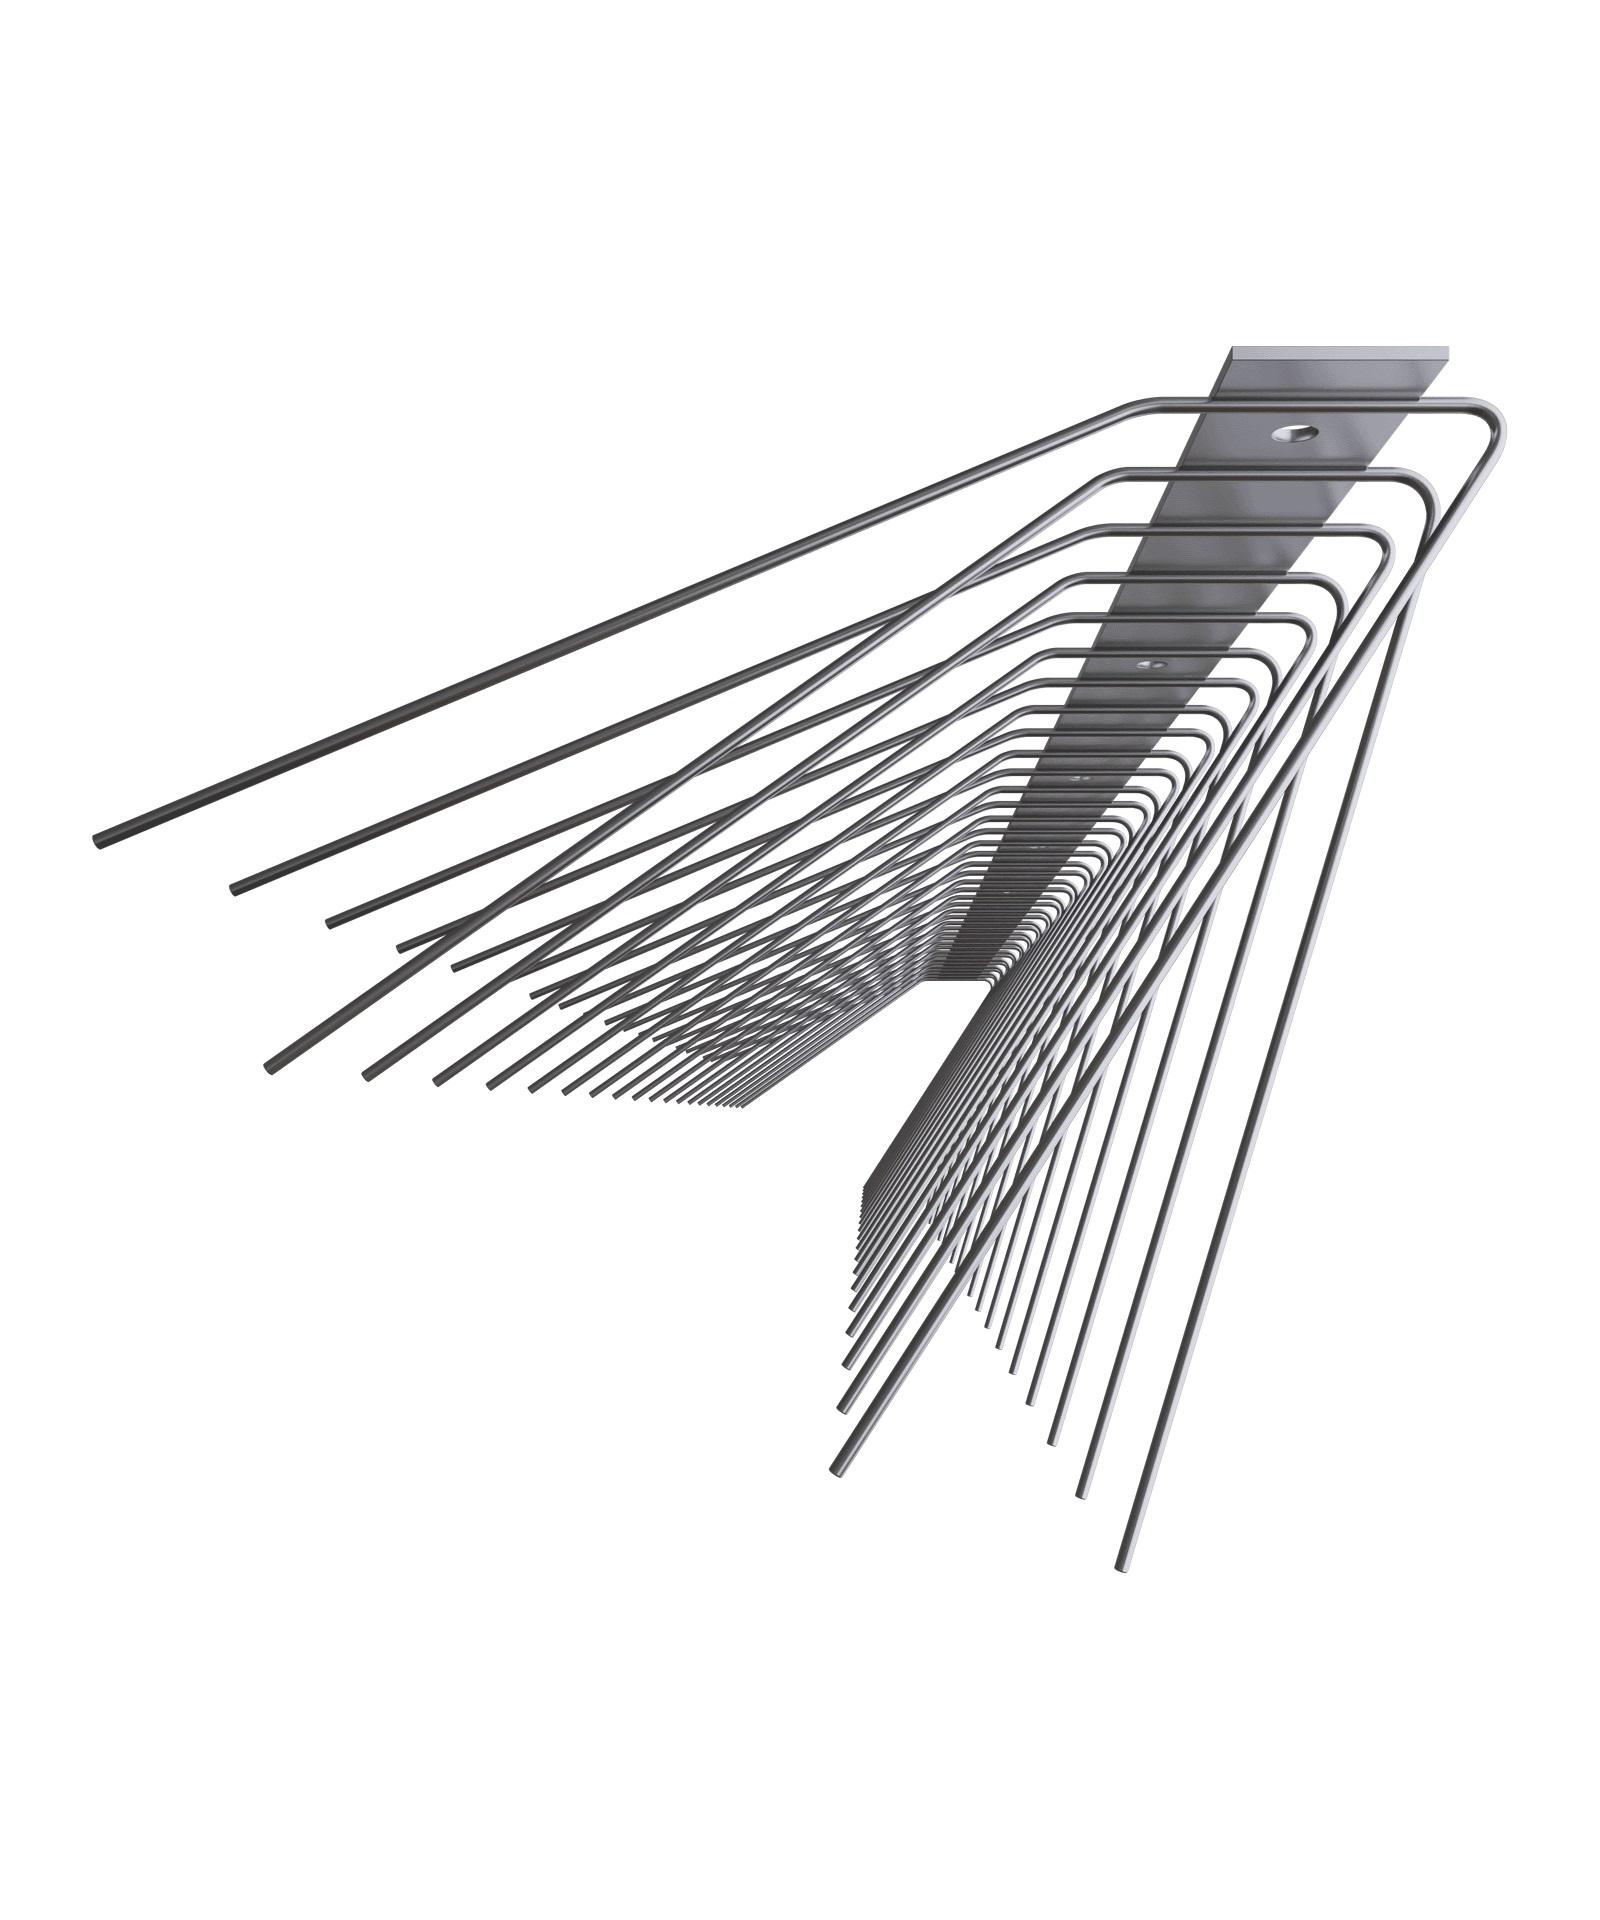 Schwalben-Spitzen 1m lang, Spitzen 1.6 mm stark (Federdraht) 140 und 110 mm lang aus Edelstahl Rostf